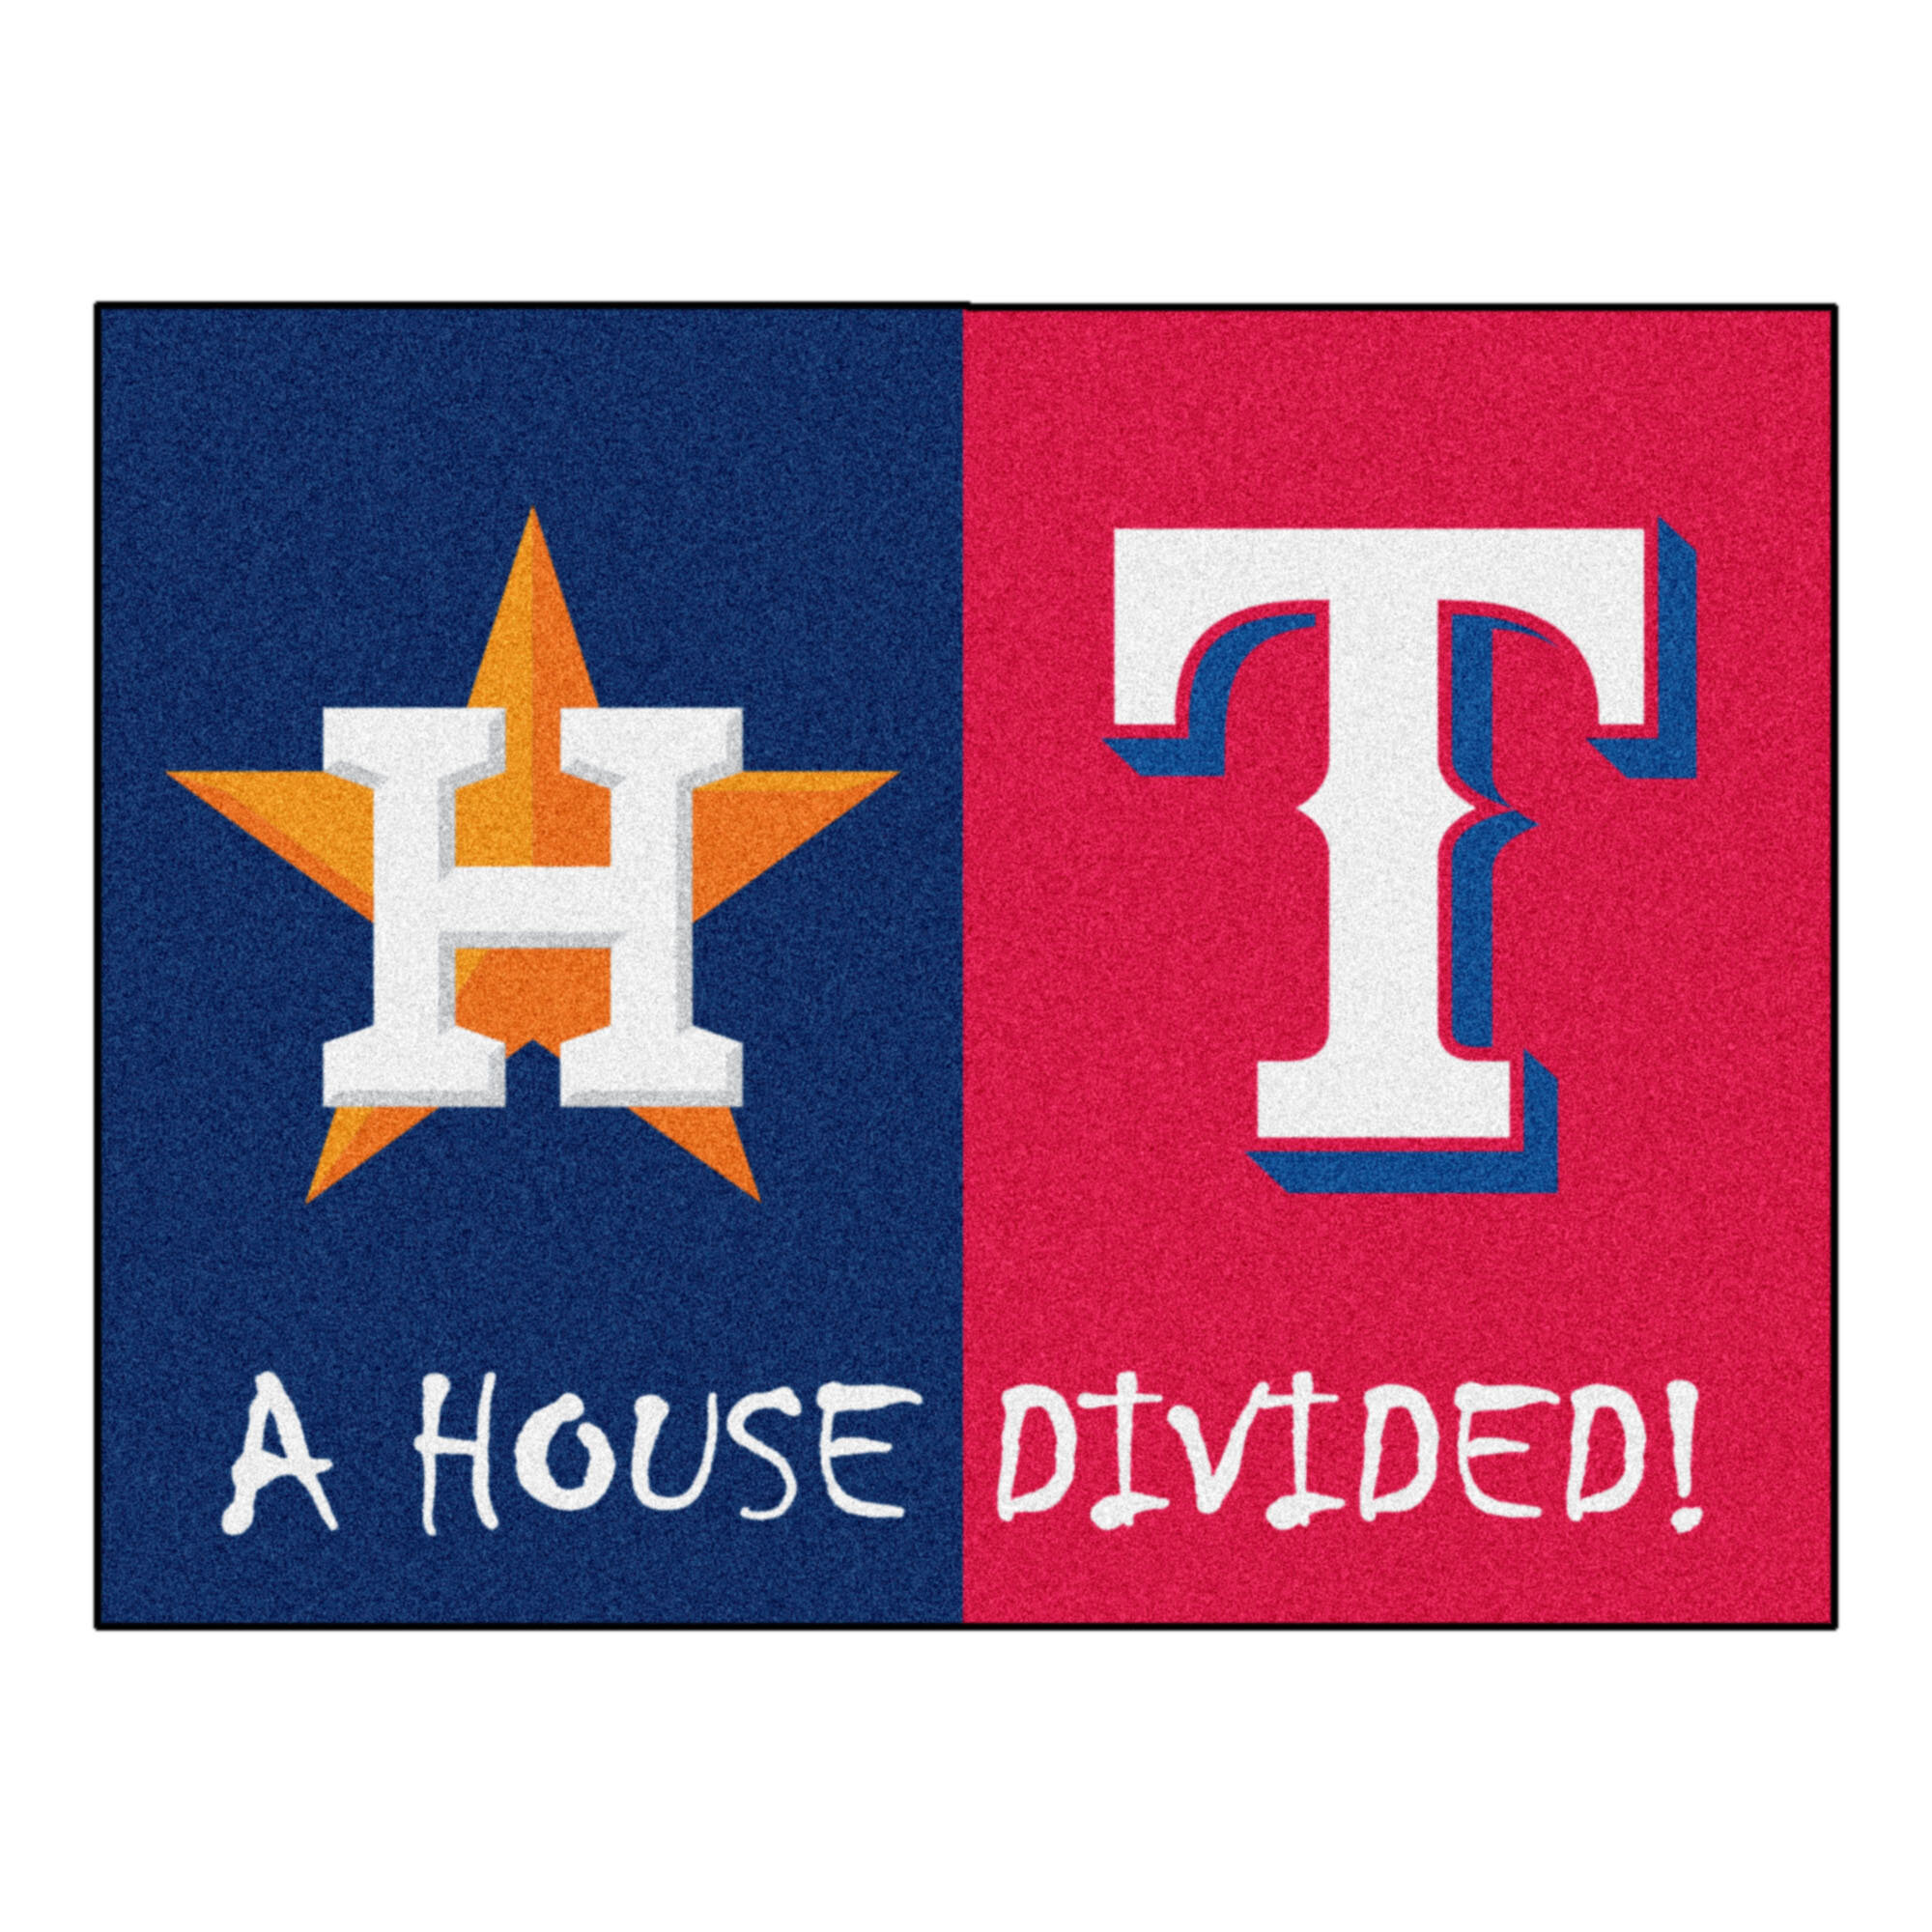 Fanmats Mlb Houston Astros Texas Rangers 33 75 In X 42 5 In Non Slip Indoor Only Door Mat Wayfair